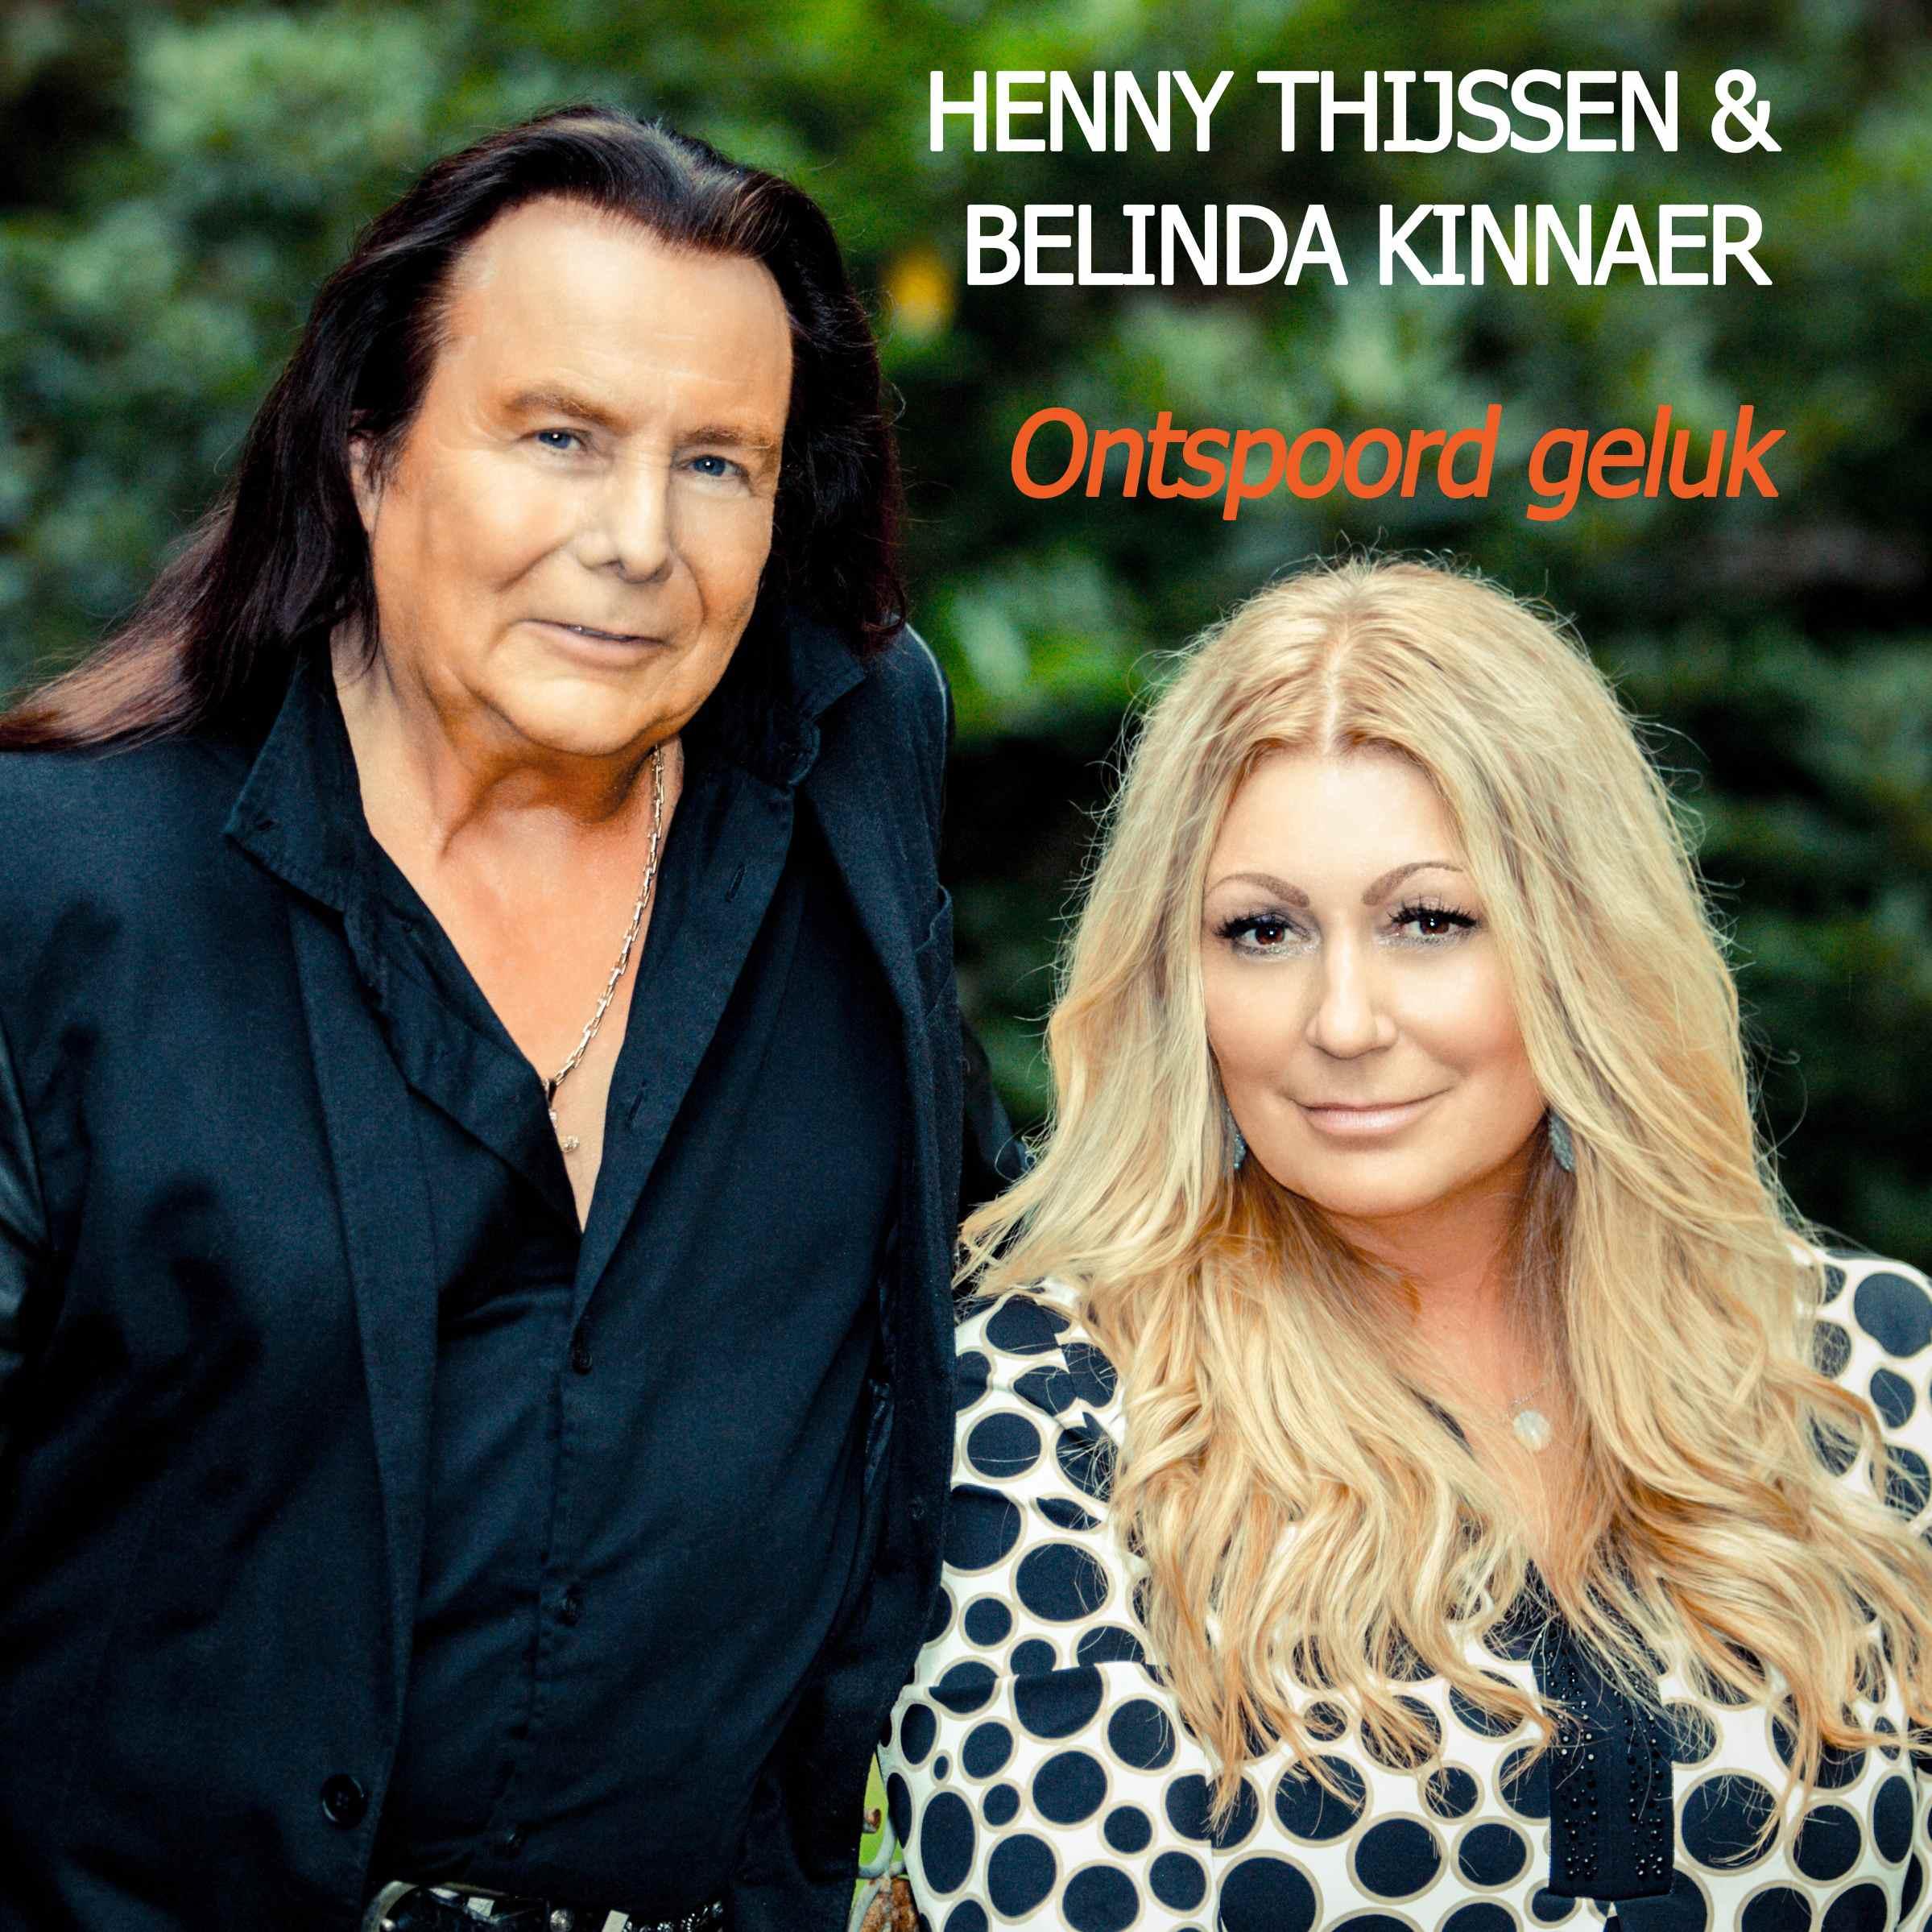 Nieuwe Single : Henny Thijssen & Belinda Kinnaer – Ontspoord Geluk